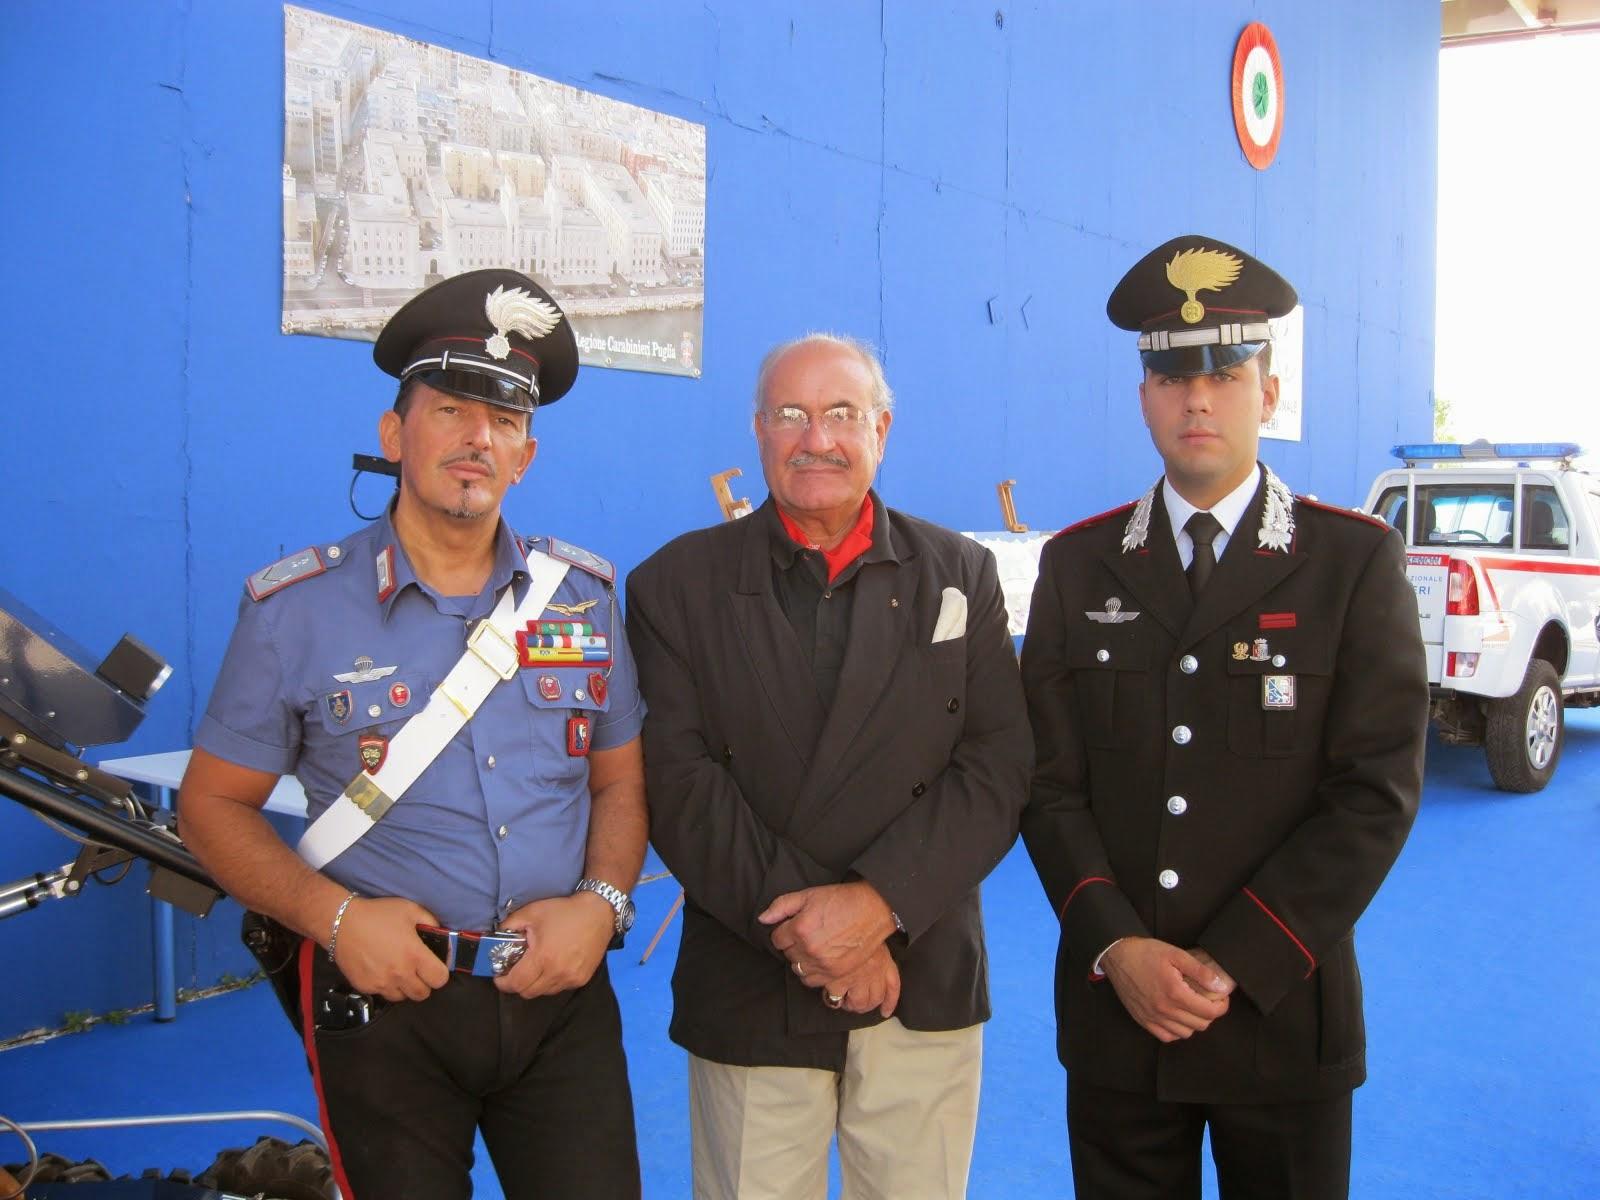 Il padiglione dei Carabinieri in Fiera